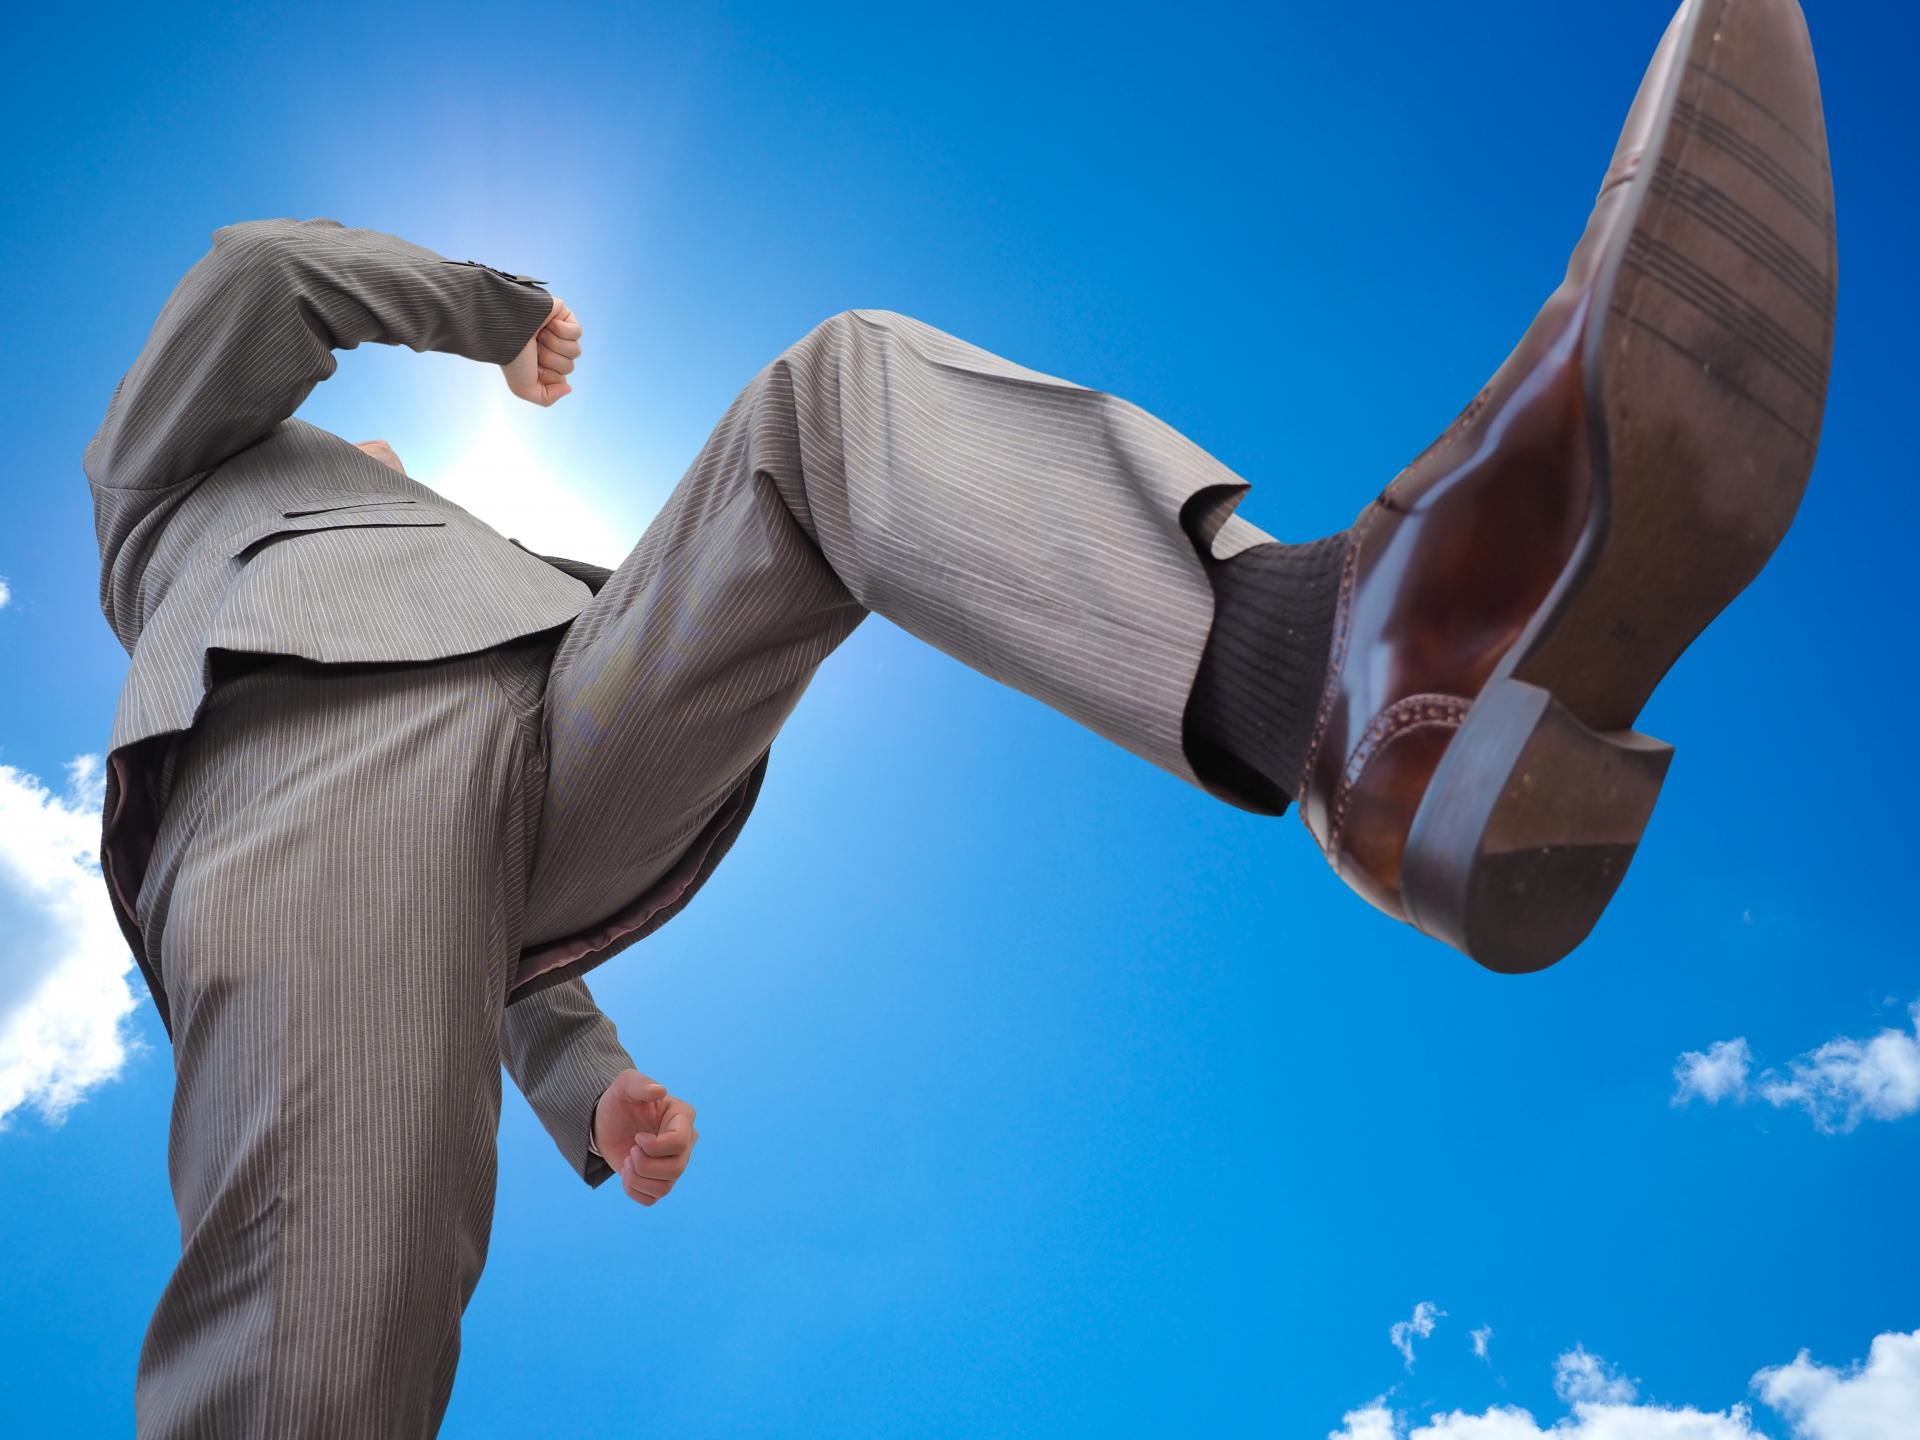 営業が属人化してしまった結果とその対処「営業部長A氏の改革」_営業マン